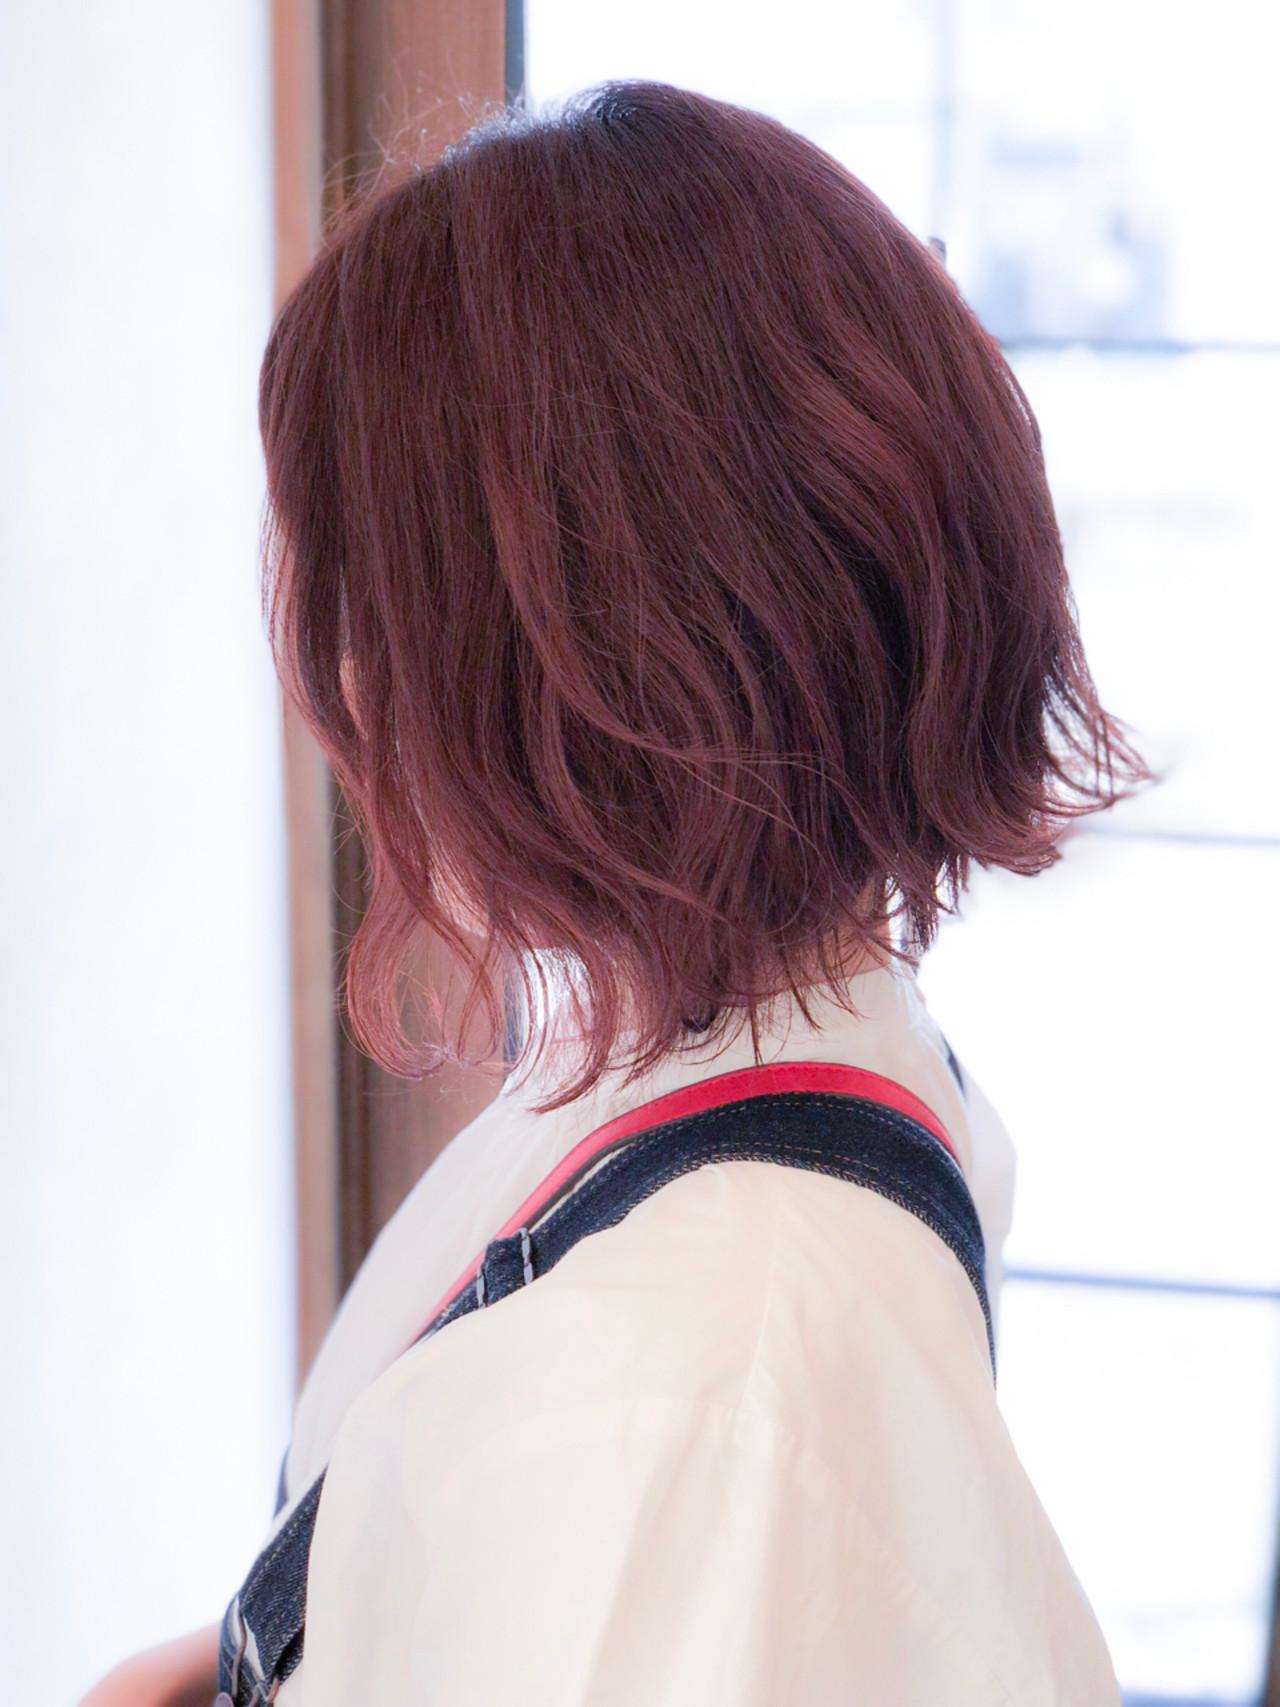 ストリート ゆるふわ ベリーピンク ヘアアレンジ ヘアスタイルや髪型の写真・画像